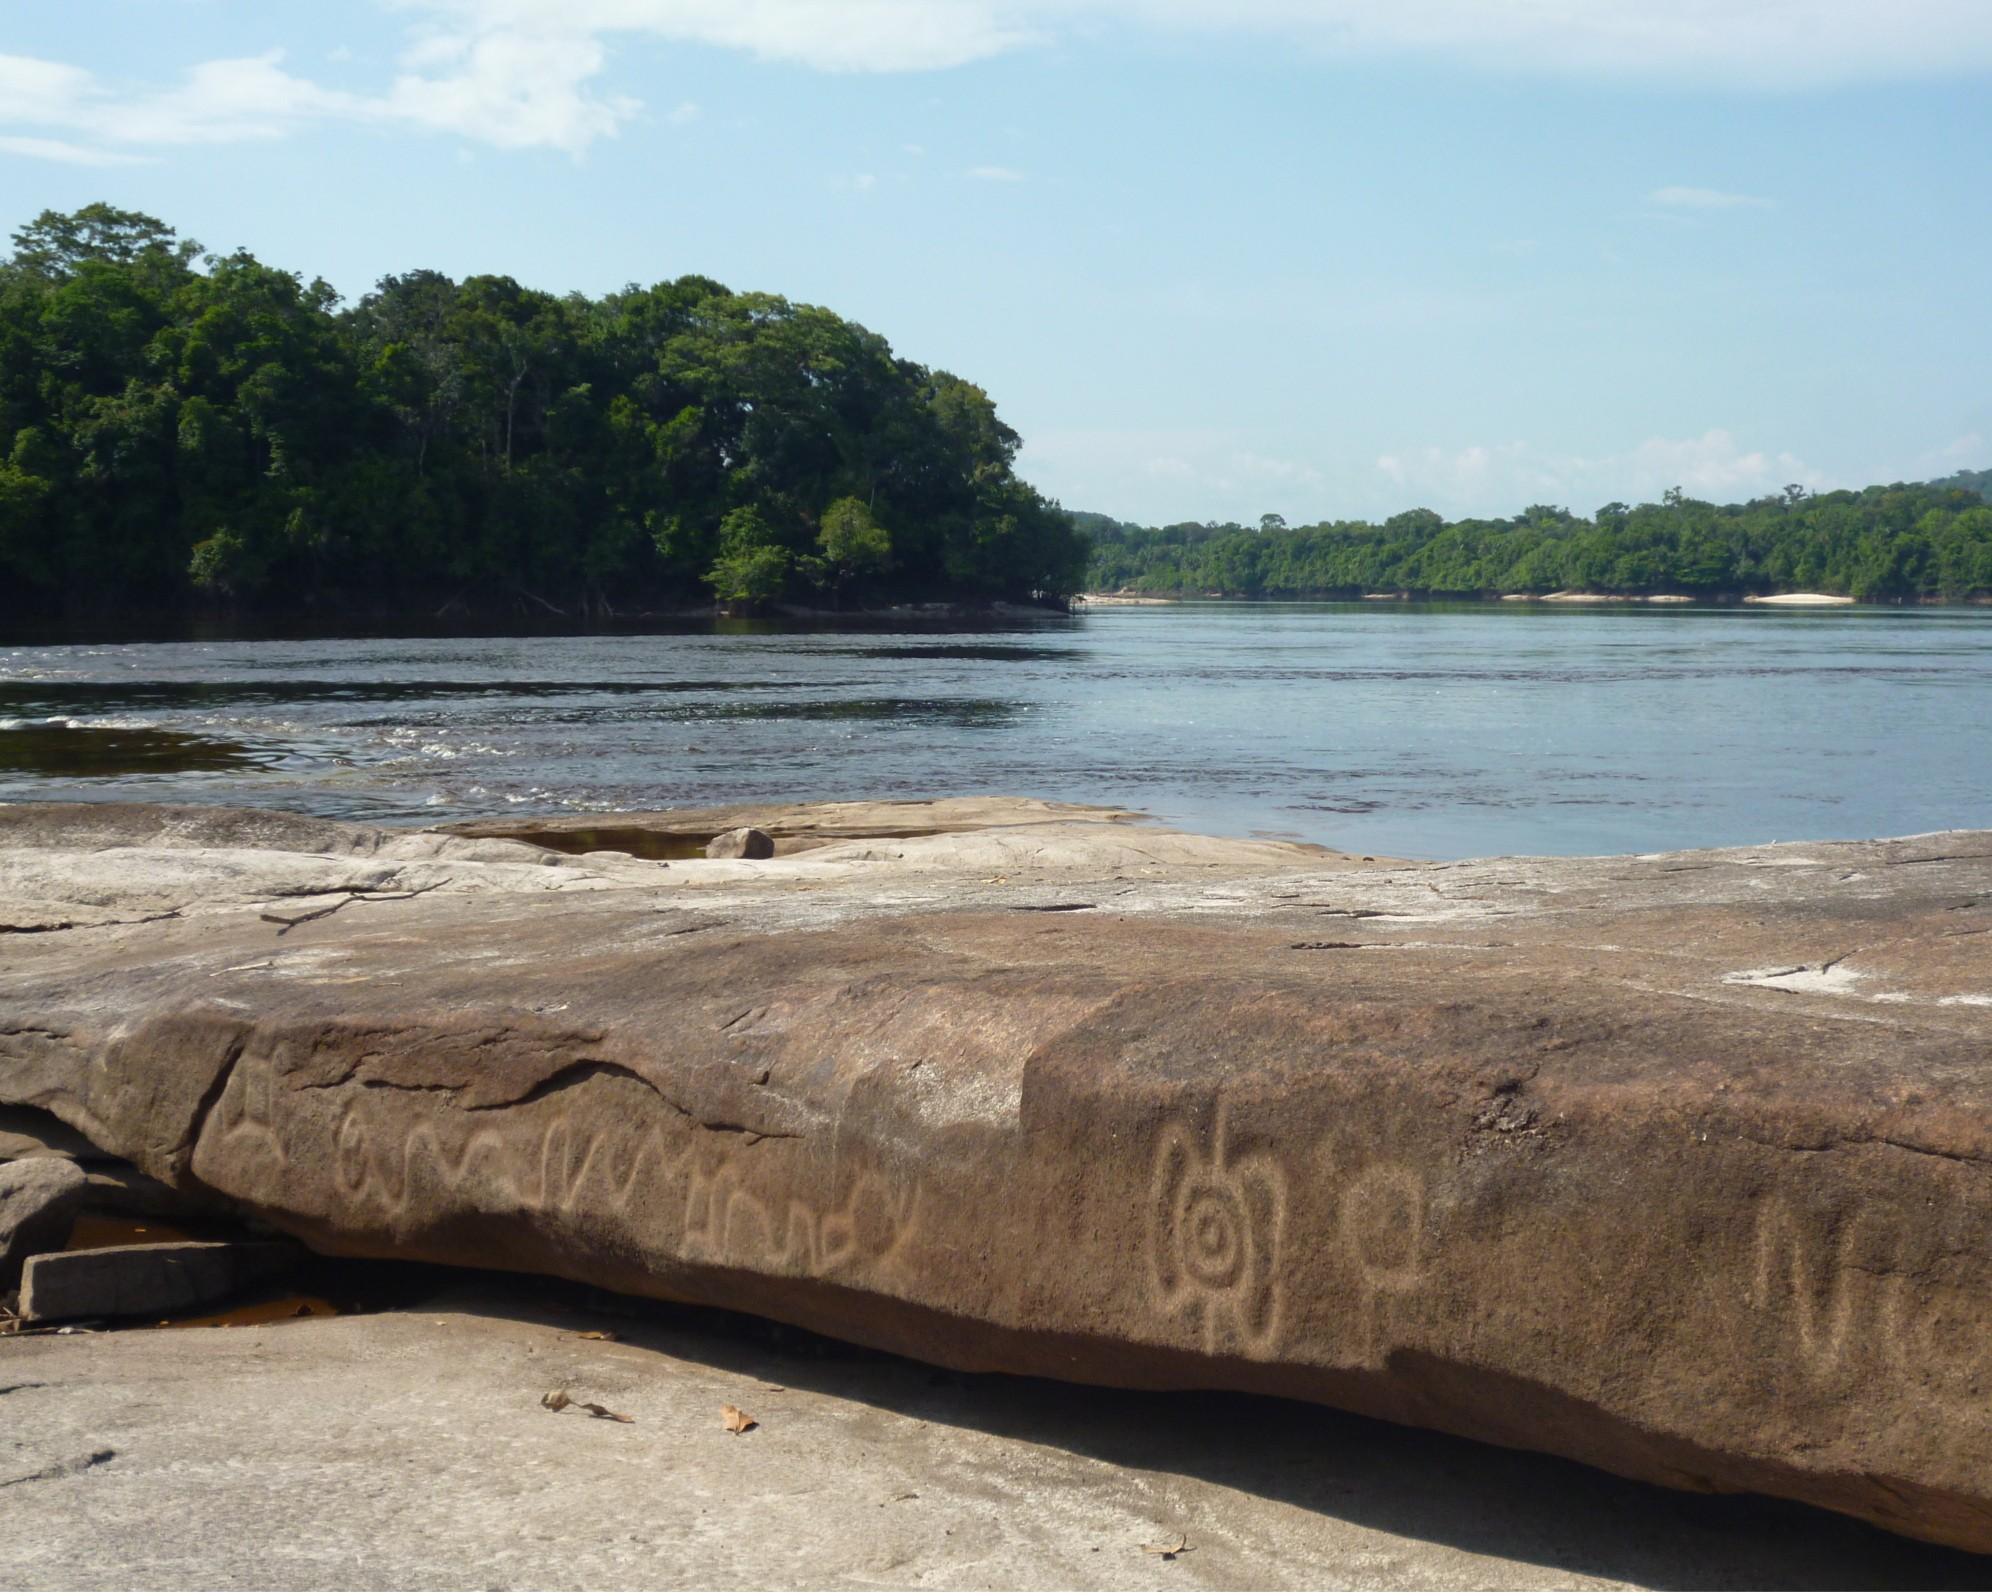 Itapinima já foi um local de grande ocupação indígena próxima à foz do rio Uaupés. Aqui há um enorme pedral com muitos petróglifos, que só aparecem quando o rio está bem seco. (Foto: Divulgação / ISA)